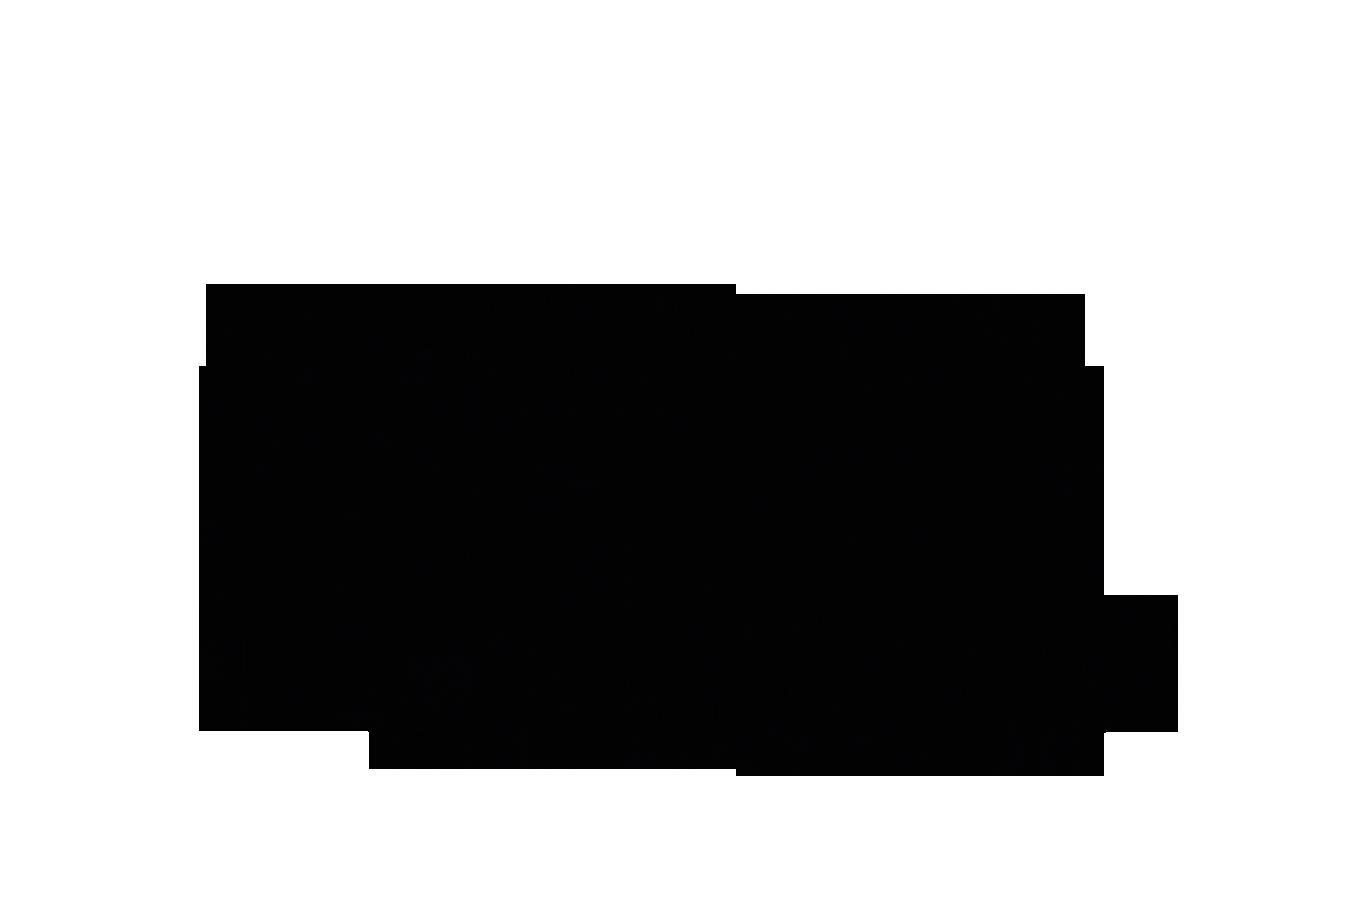 Pamir S 02-250: Breite ca. 250 cm; Tiefe ca. 215 cm; Gewicht ca. 33,0 kg